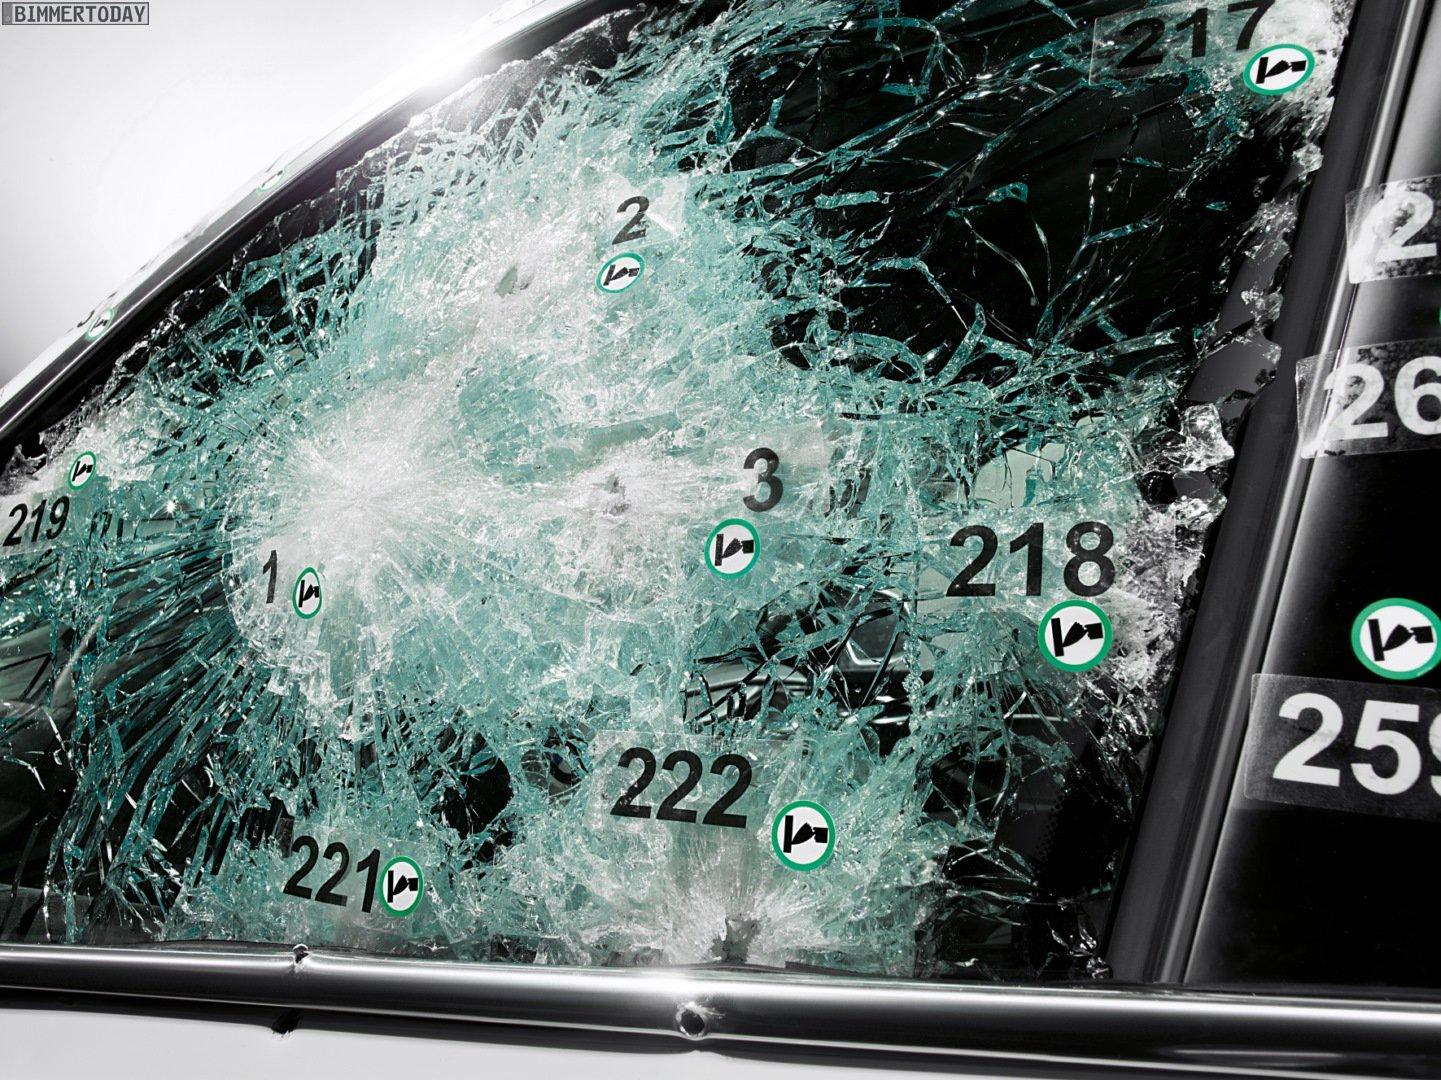 خیزش جرم در مکزیک و افزایش ساخت خودروهای ضدگلوله